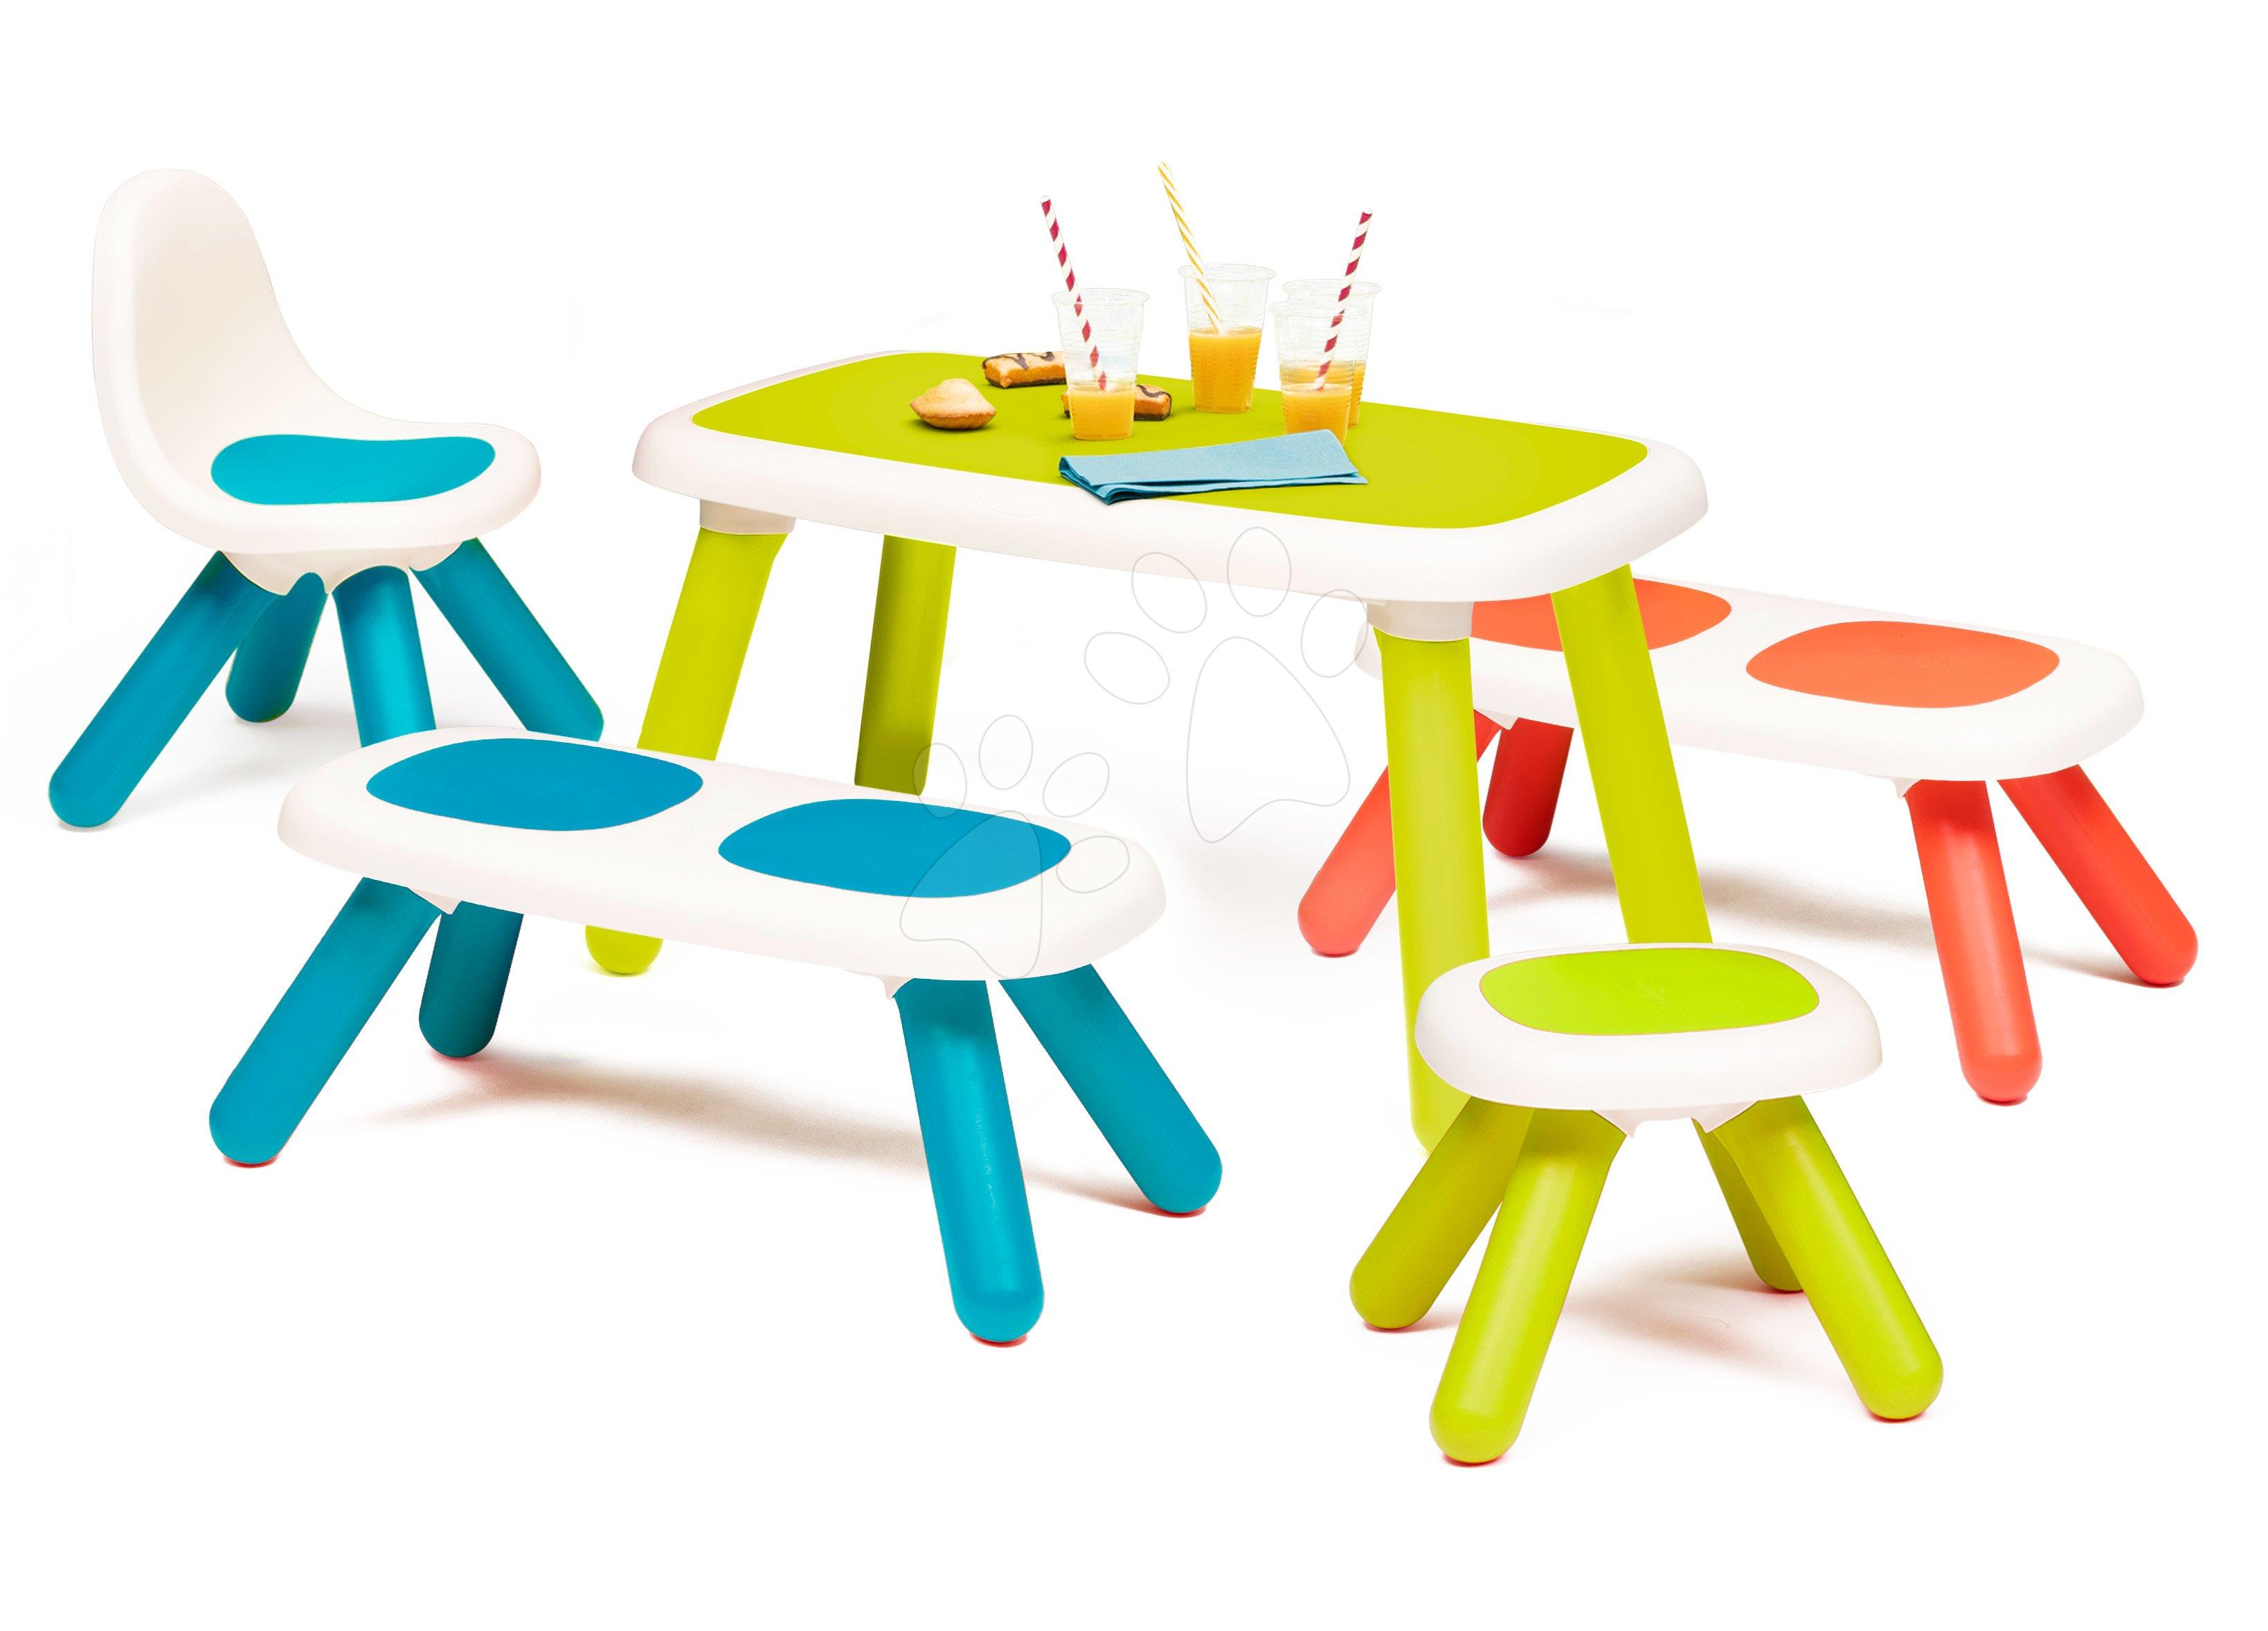 Set stôl pre deti KidTable Smoby zelený s dvoma lavičkami modrou stoličkou a zelenou taburetkou